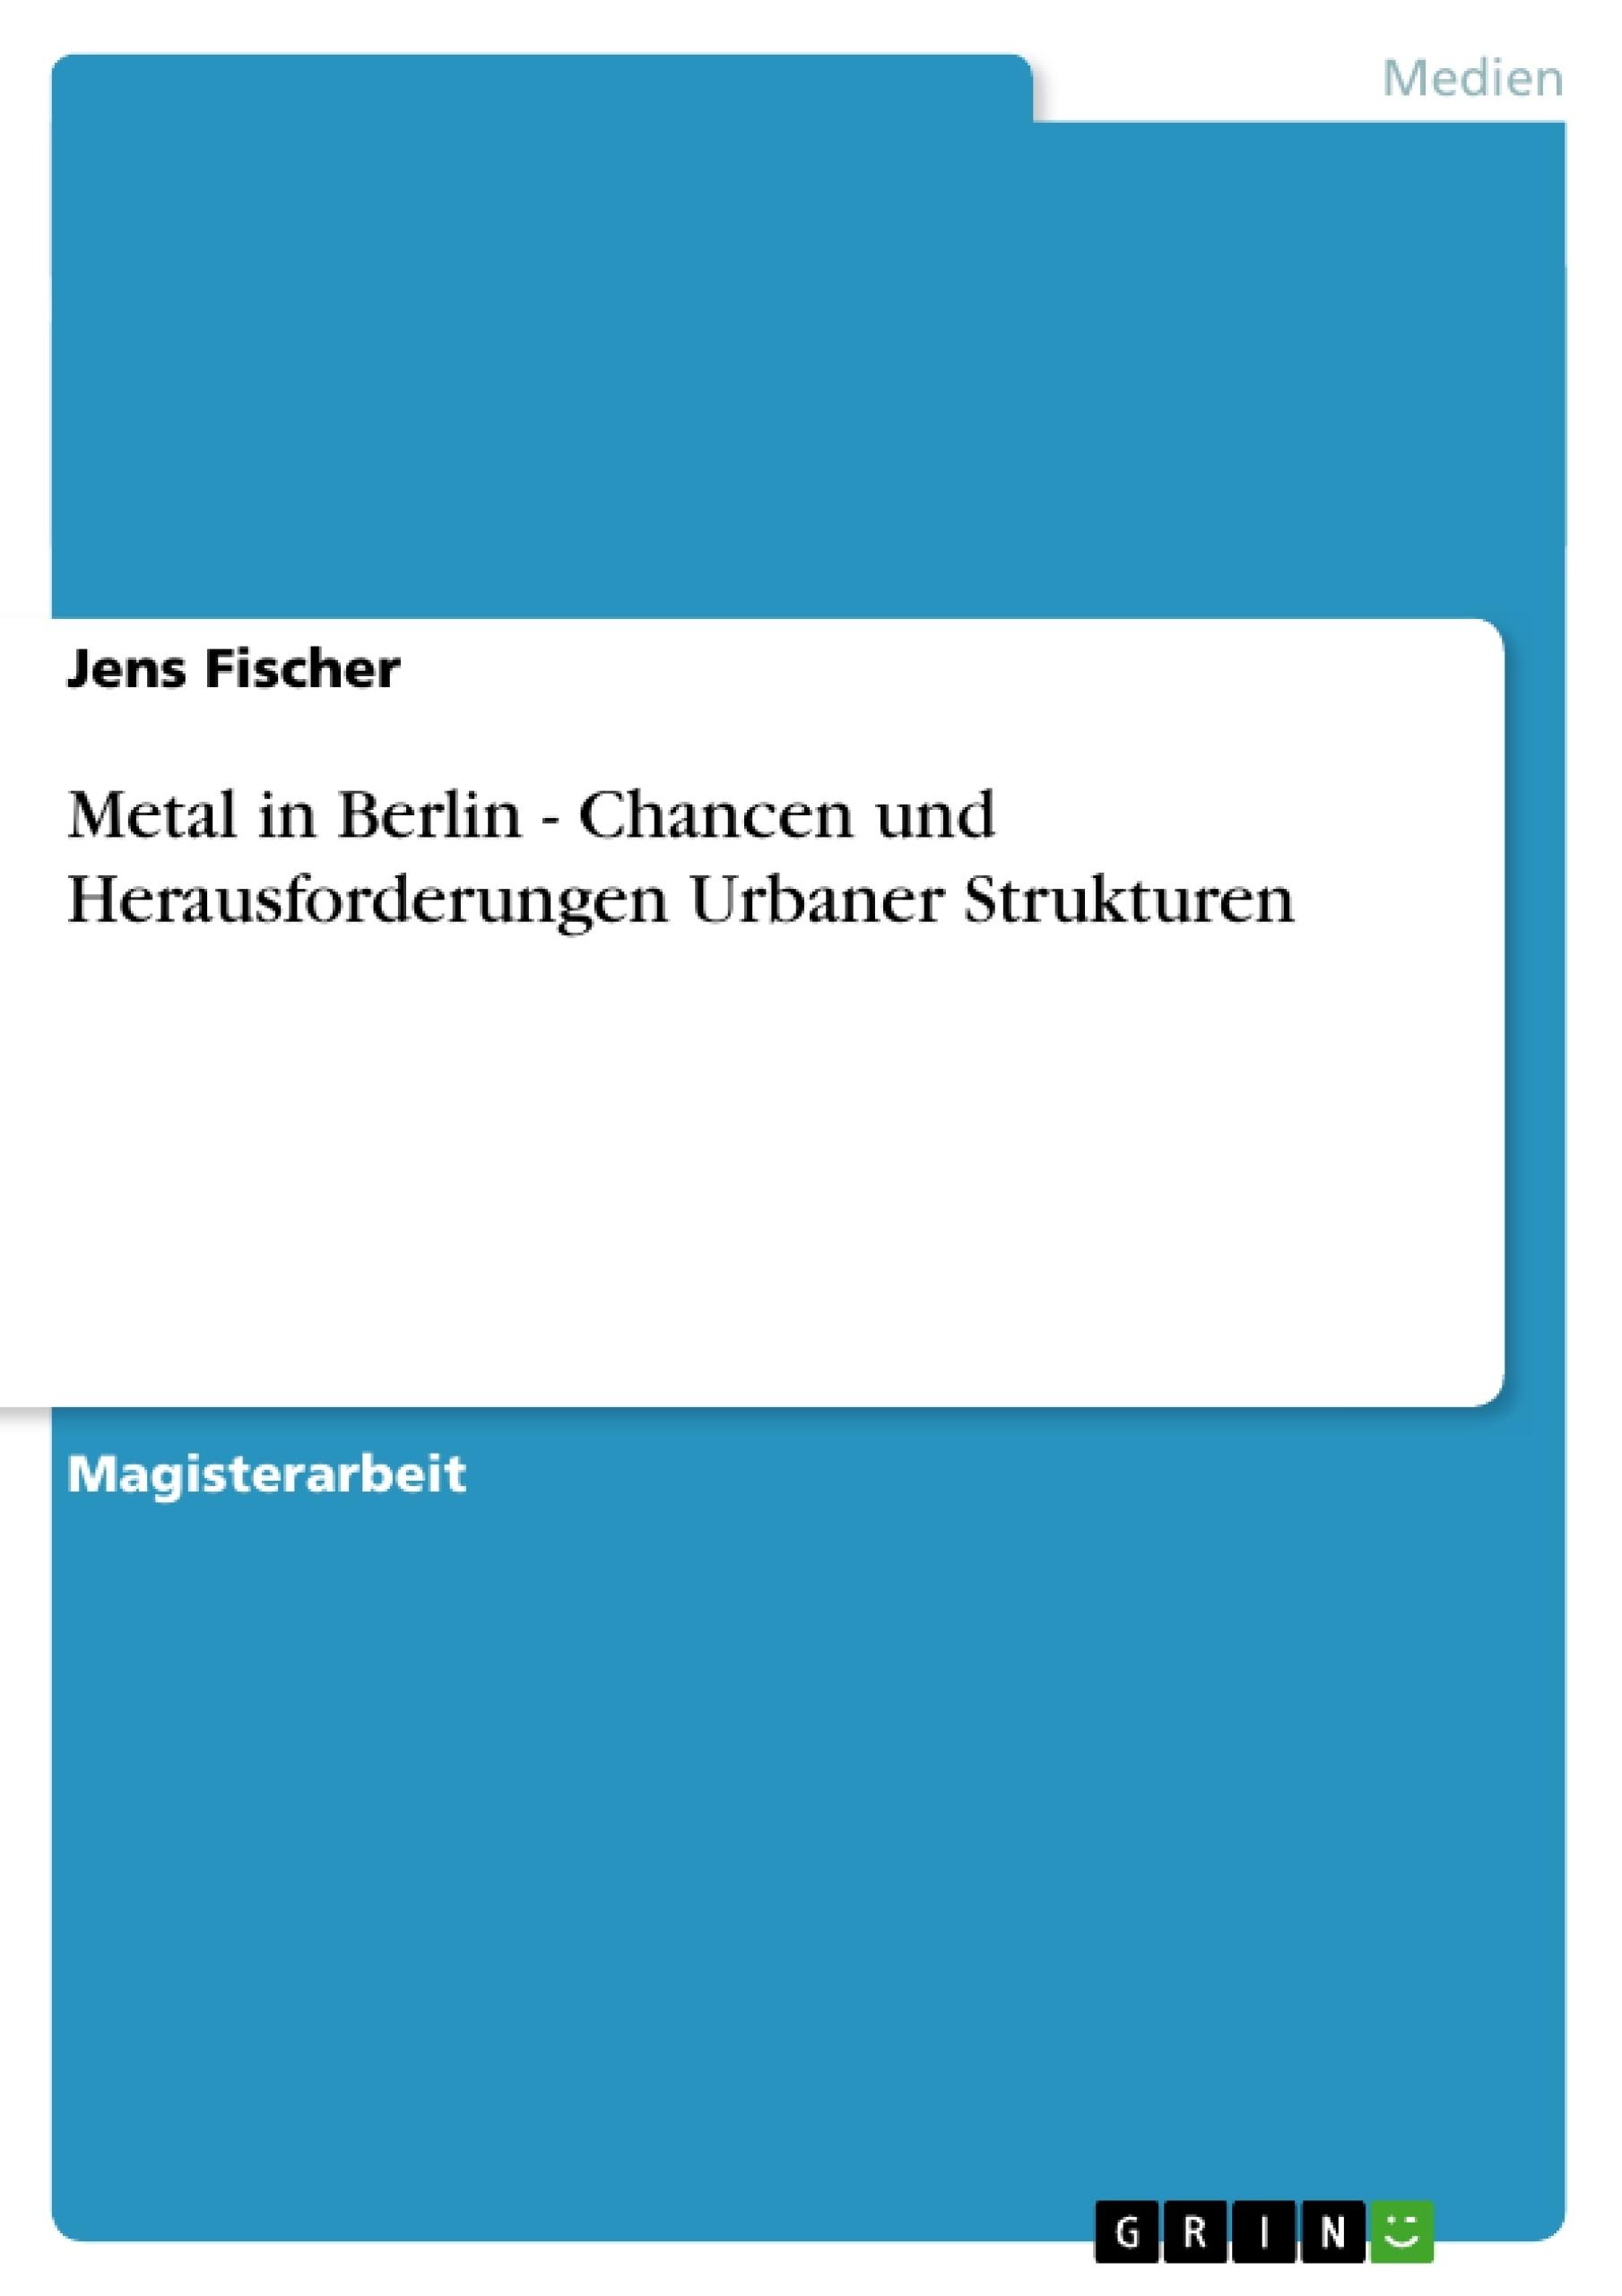 Titel: Metal in Berlin - Chancen und Herausforderungen Urbaner Strukturen